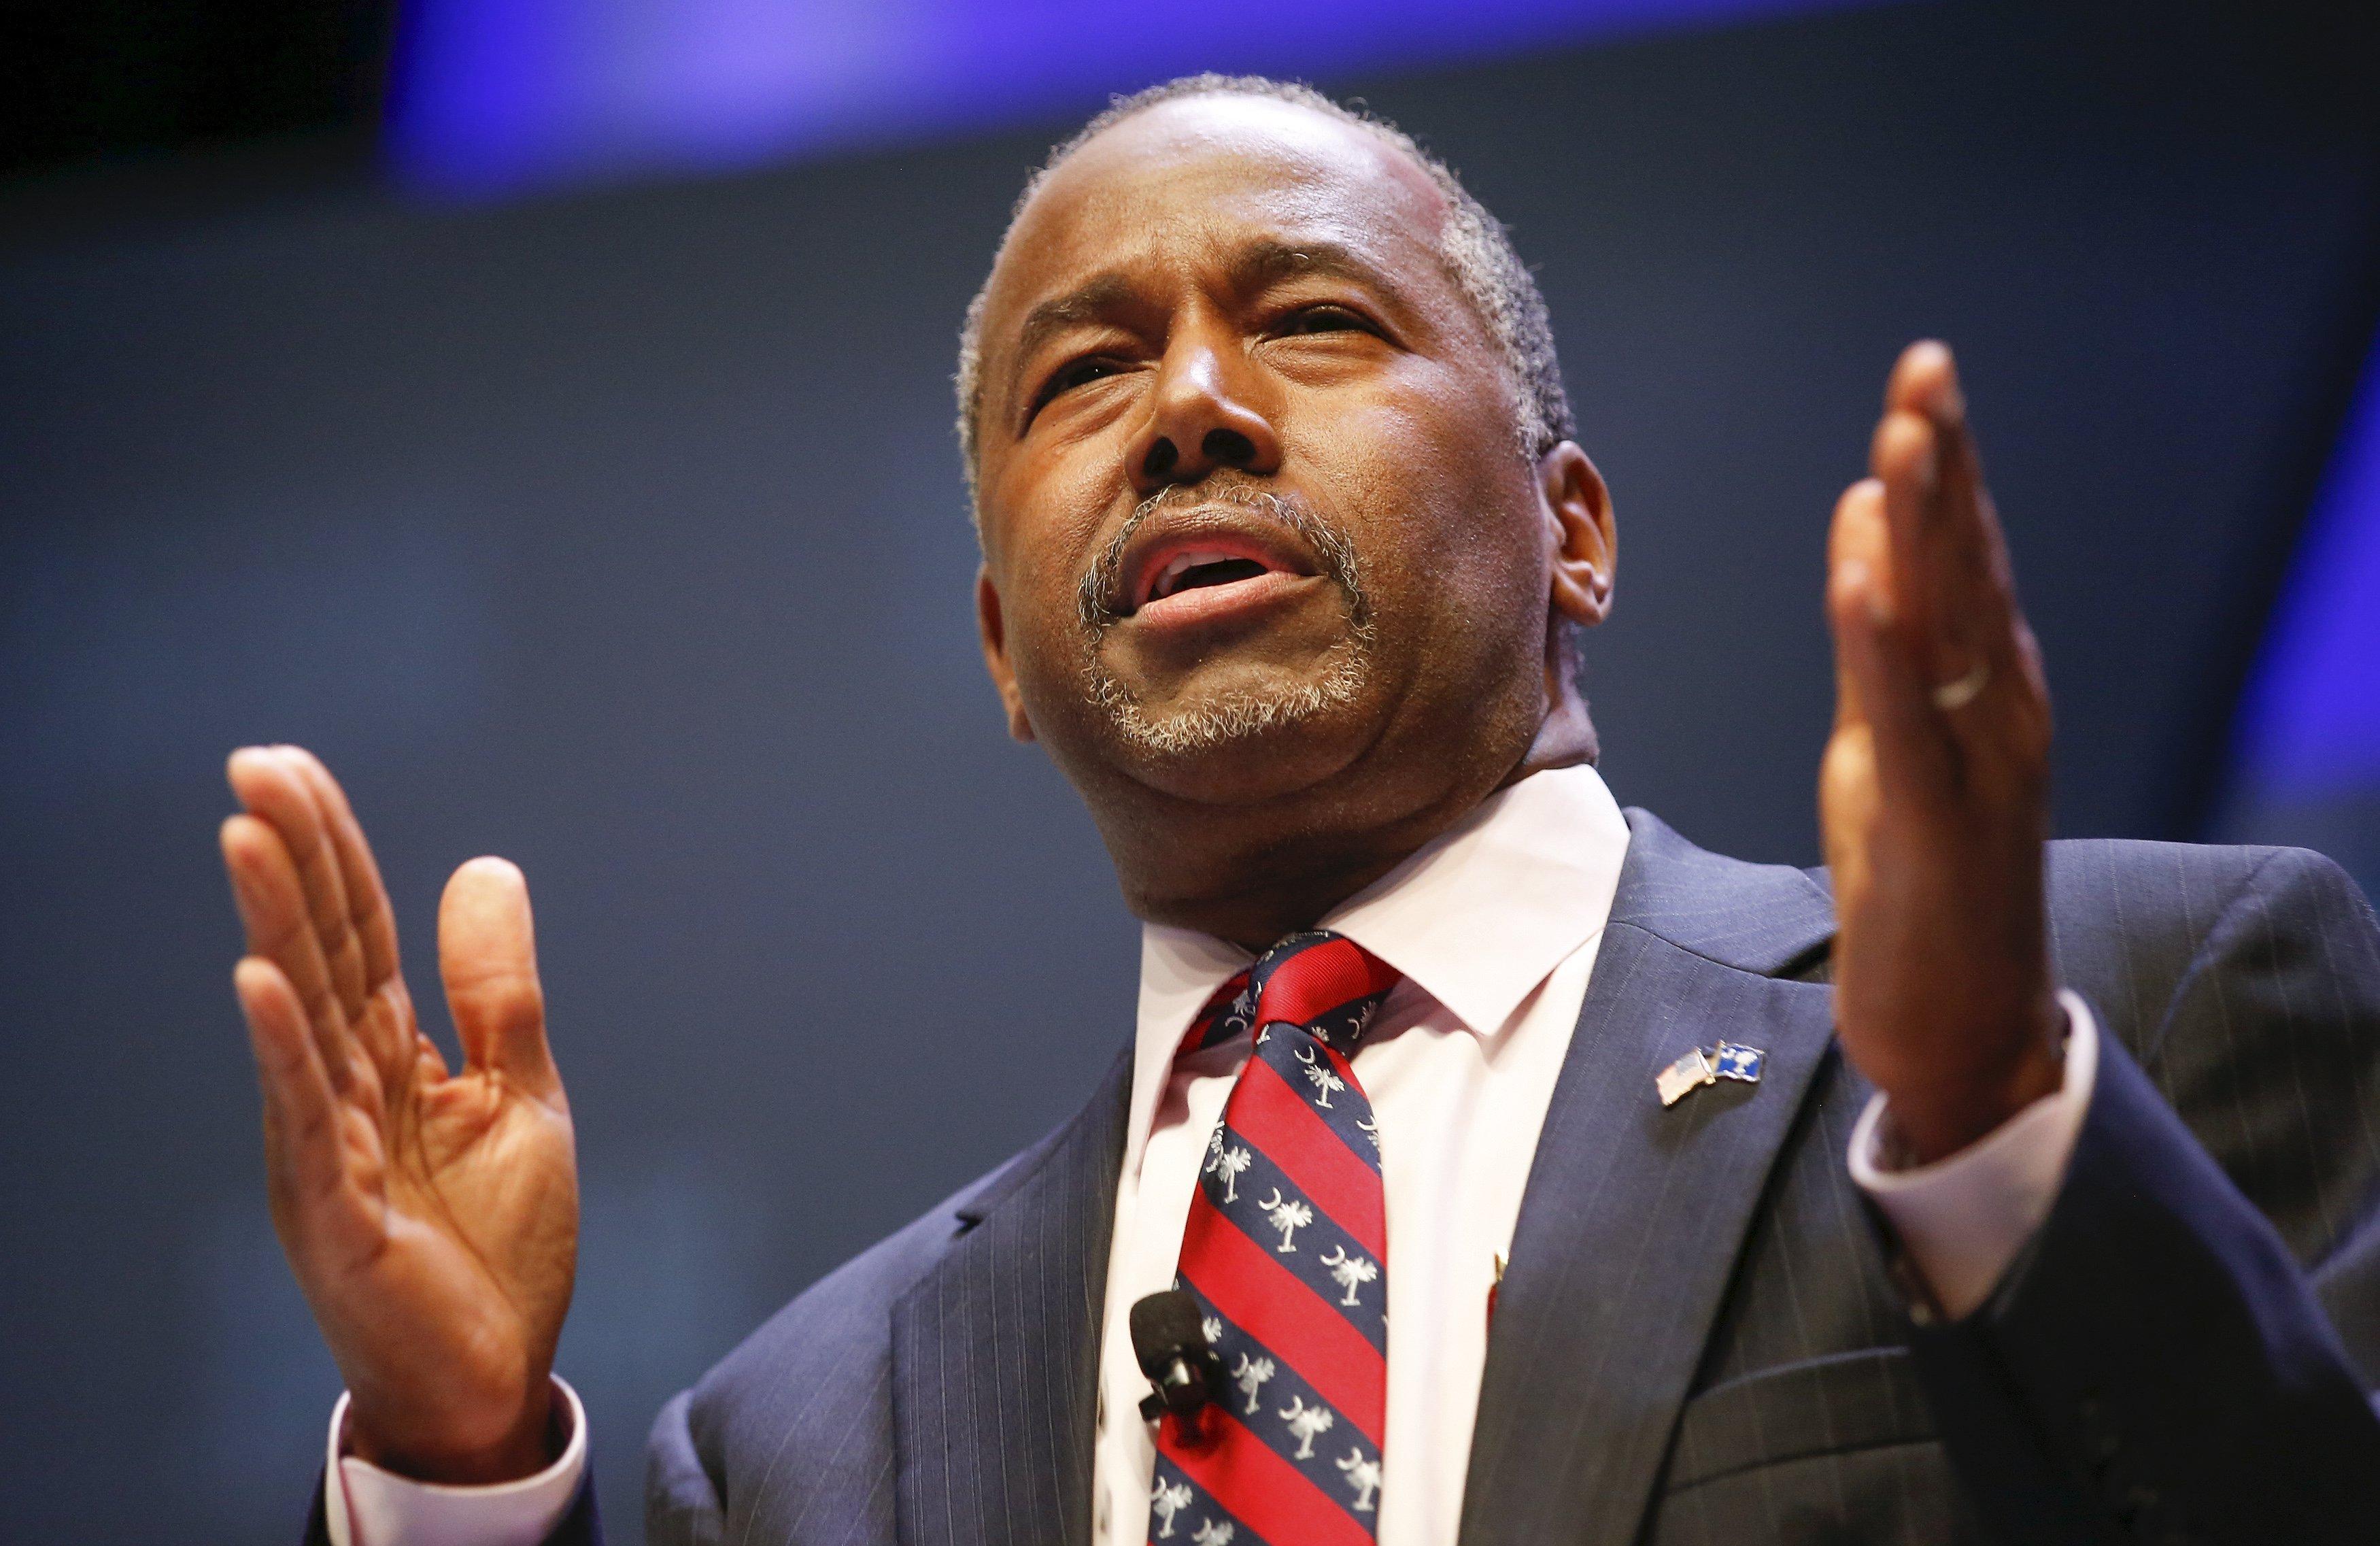 U.S. Republican candidate Dr. Ben Carson